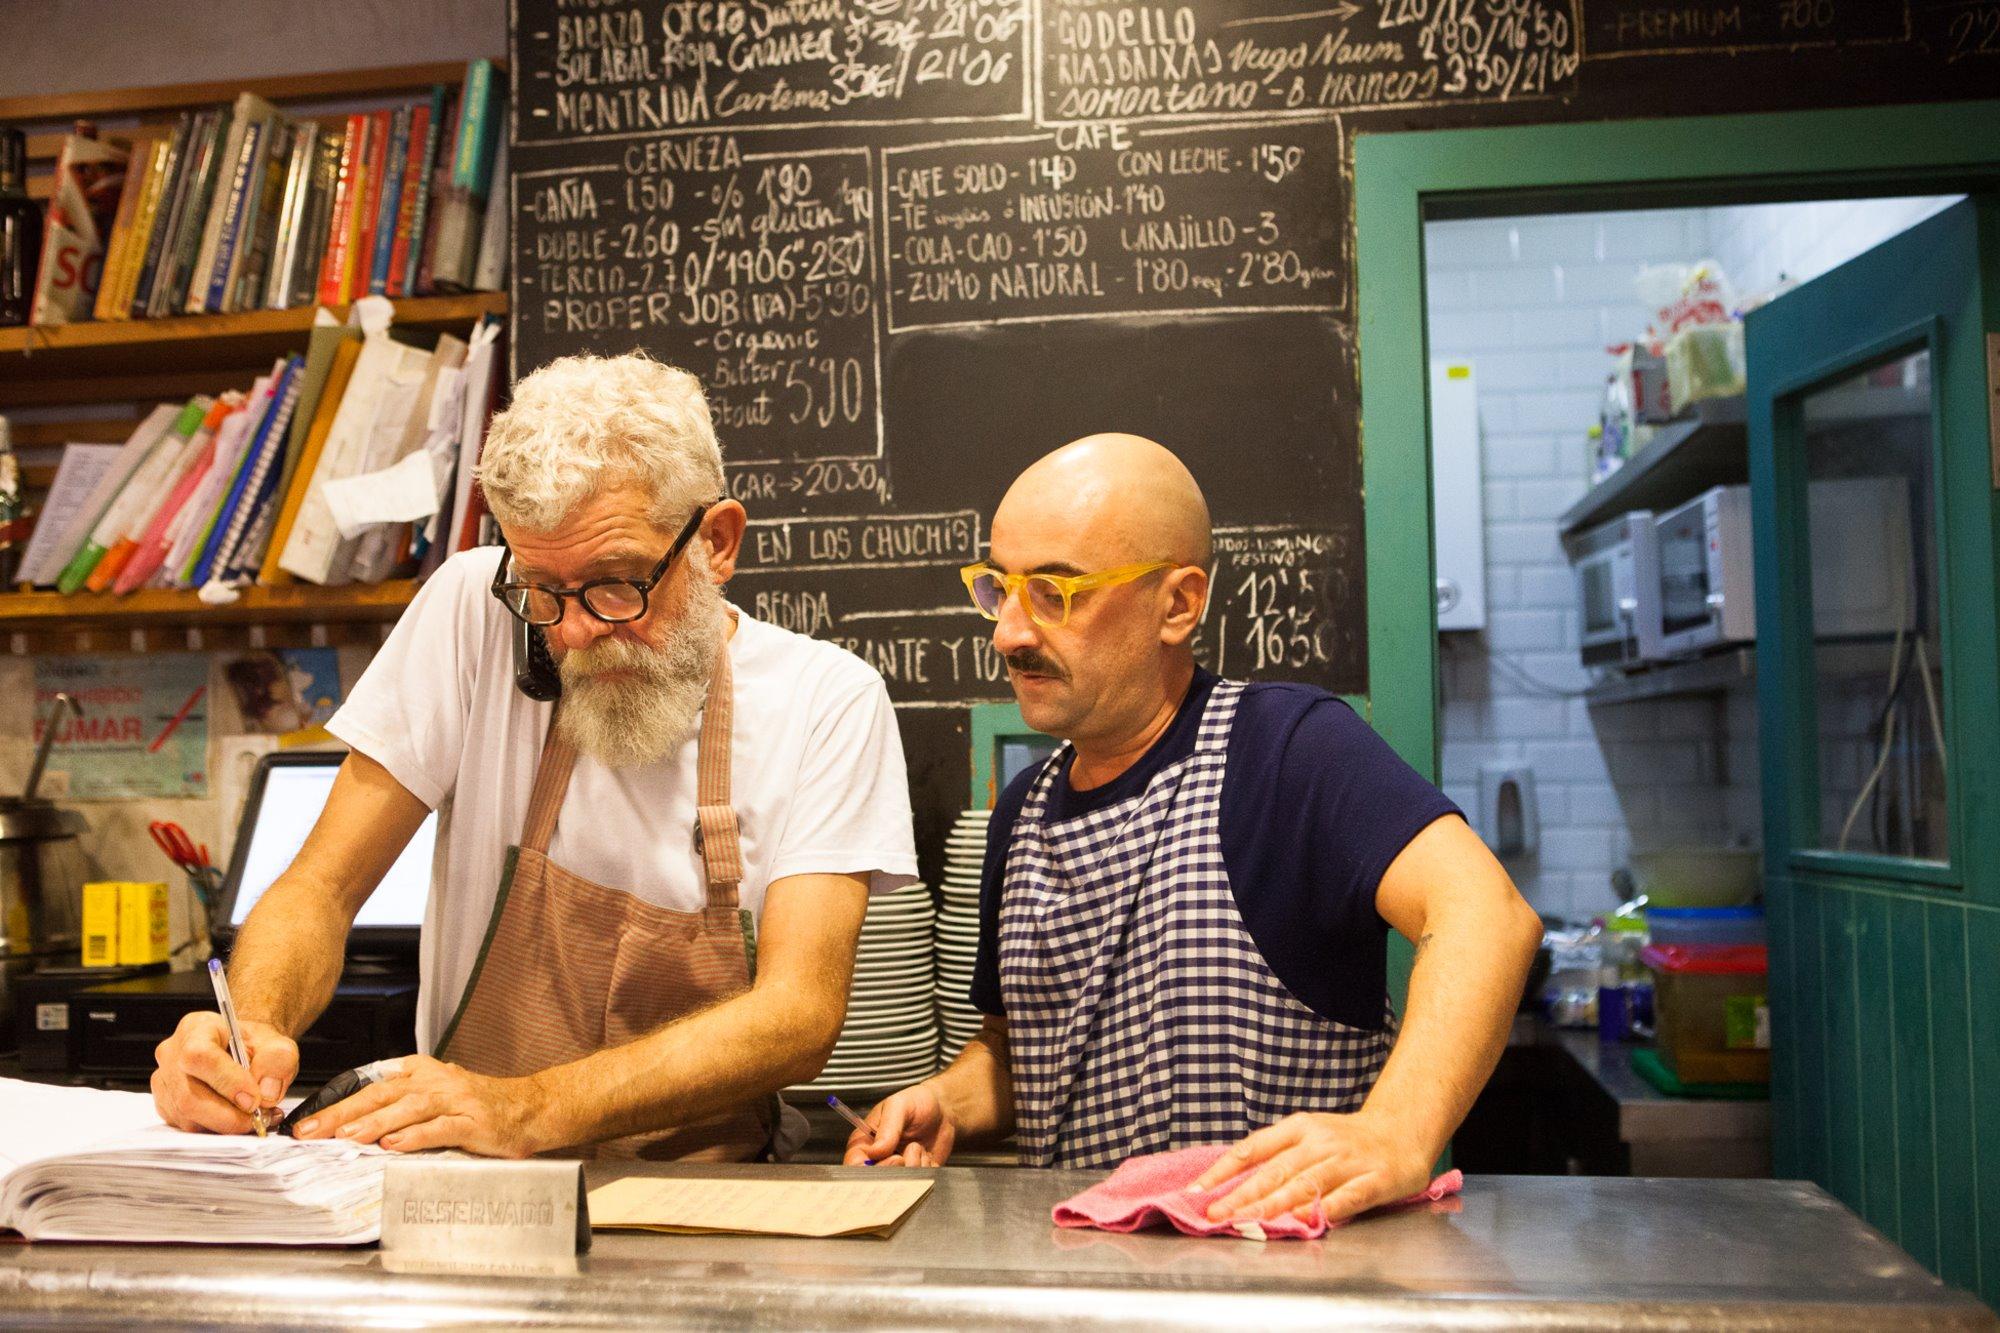 Scott y Fernando, dueños de 'Los Chuchis'.